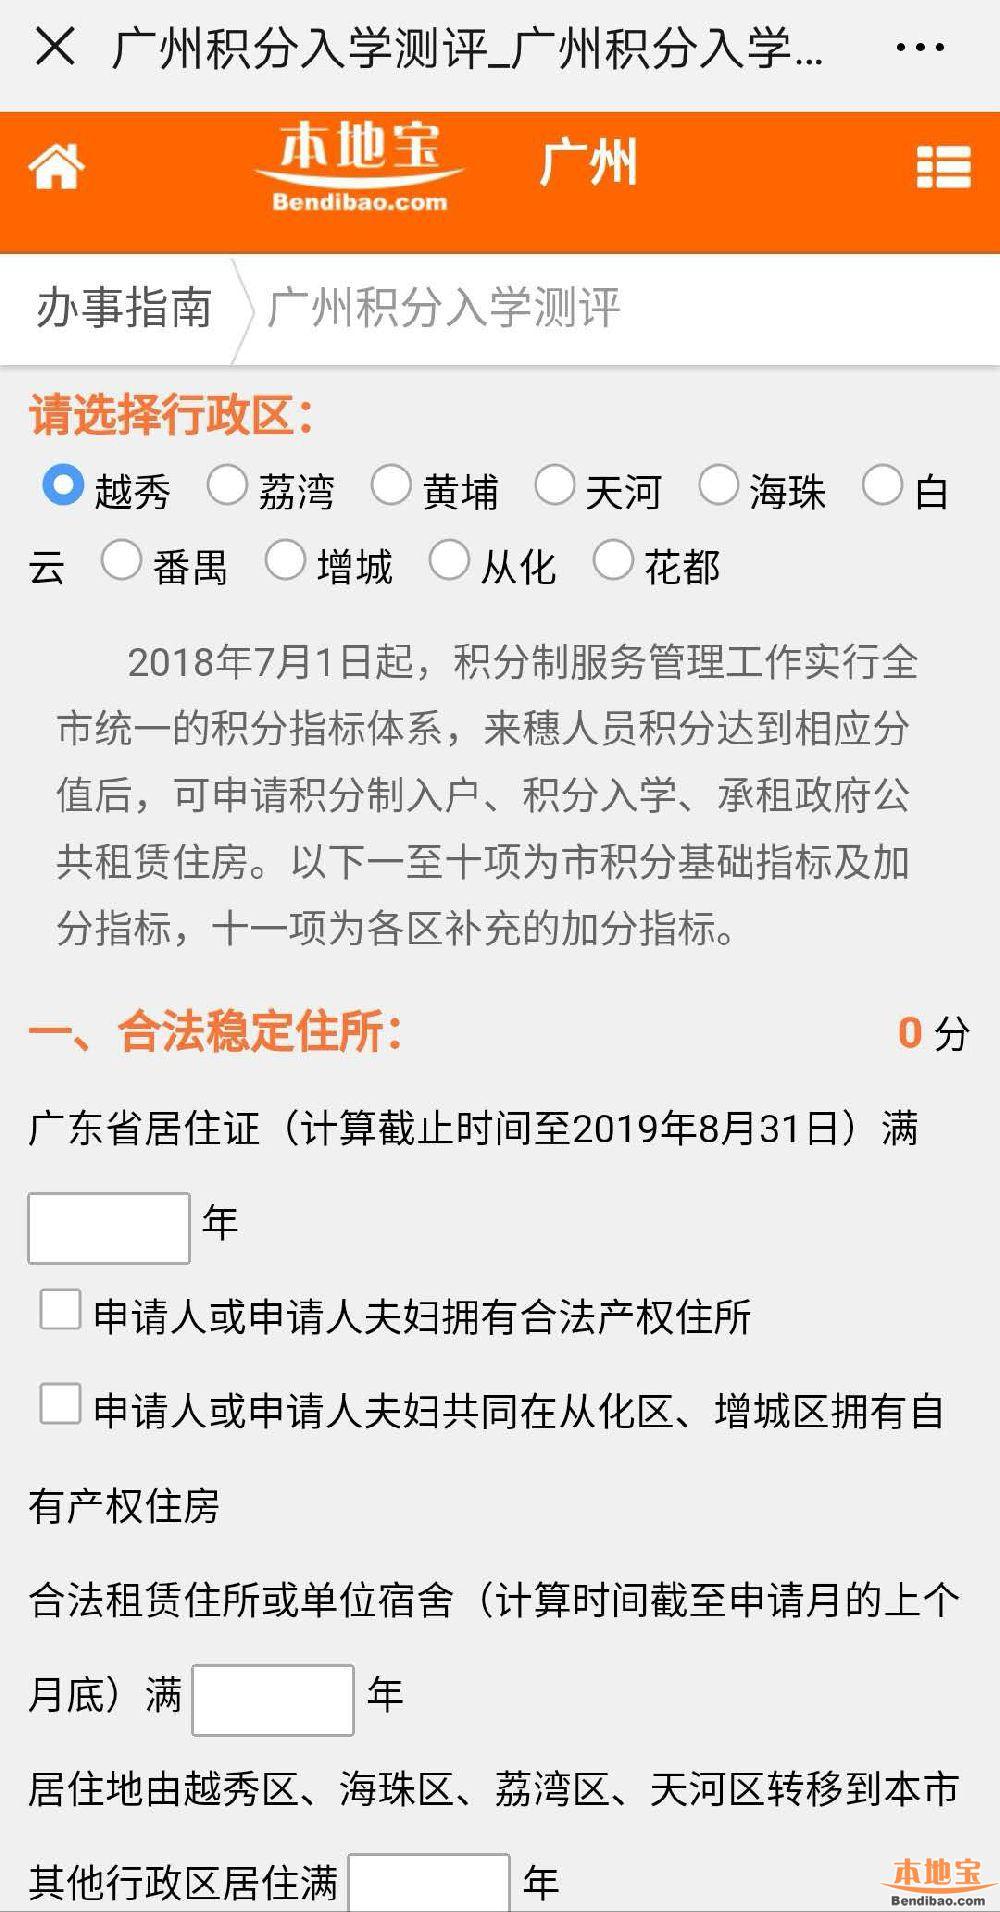 2020广州花都区积分入学申请攻略